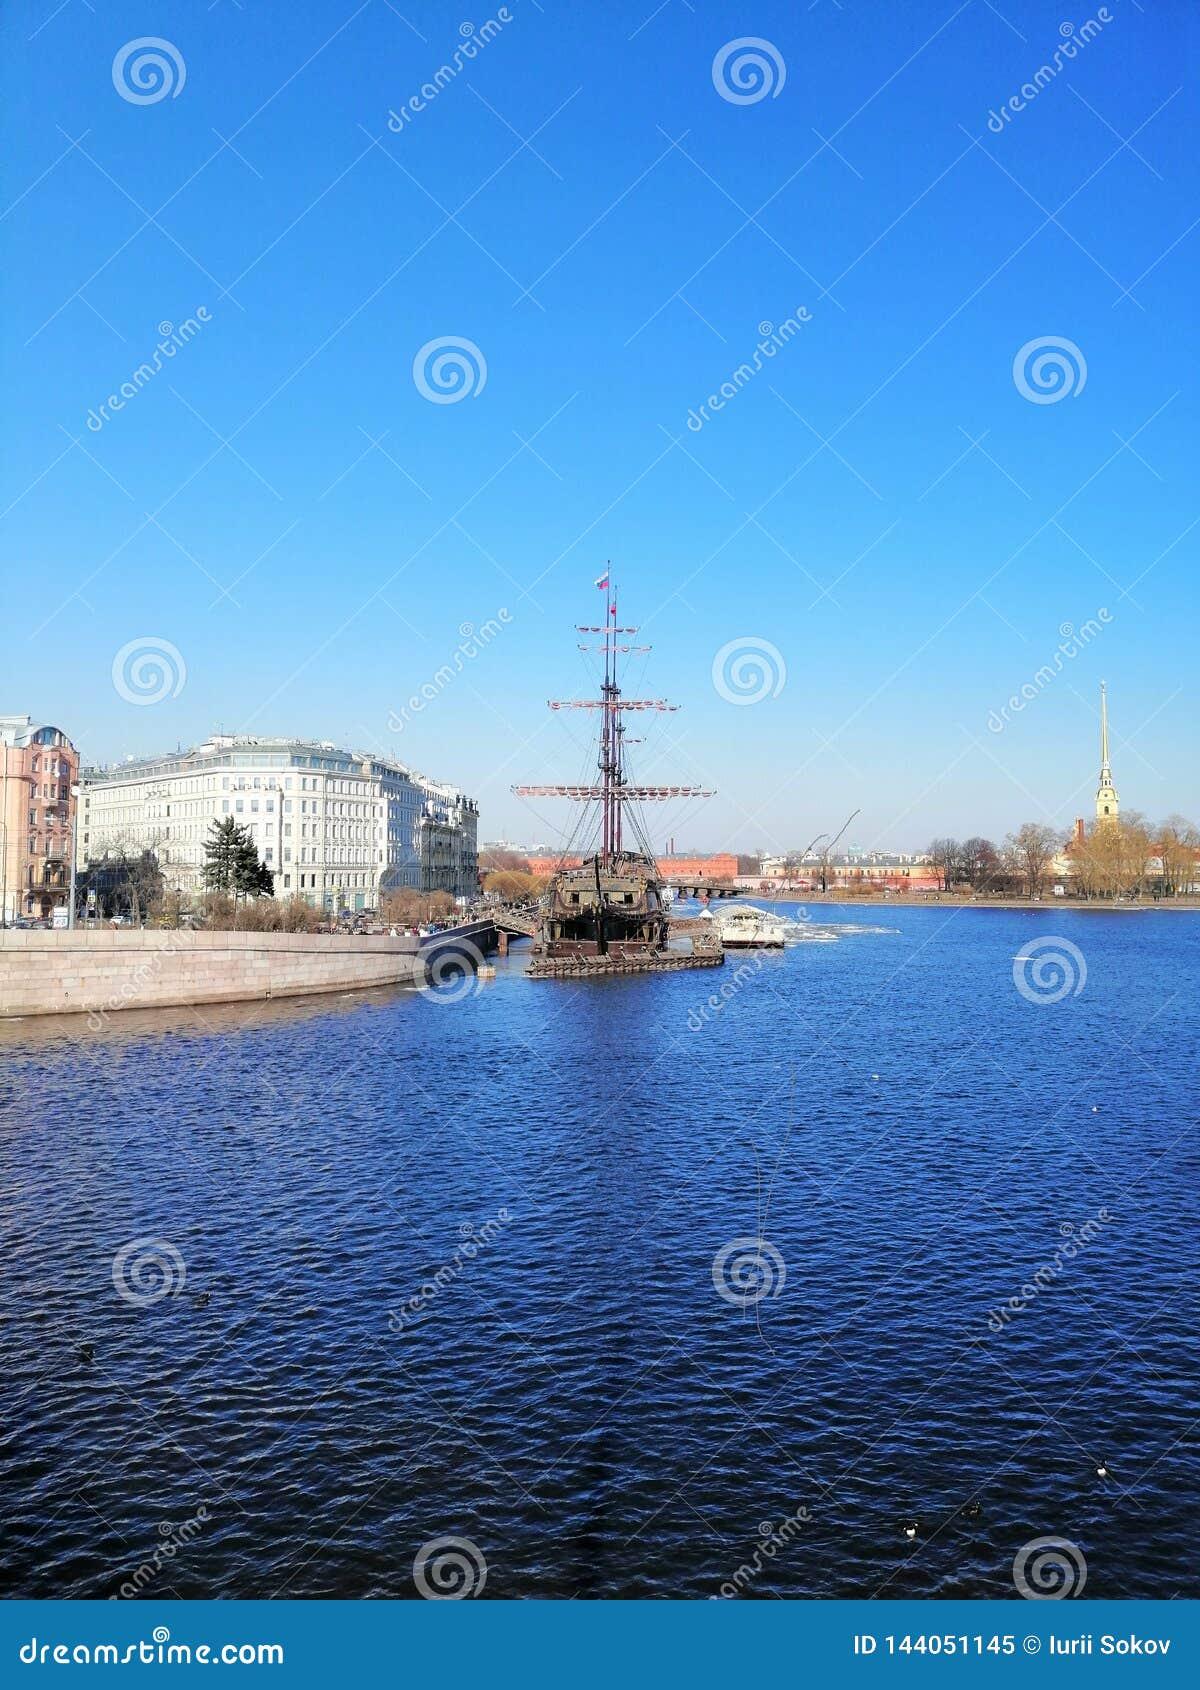 Fluss, Segelboot und der Helm der Festung